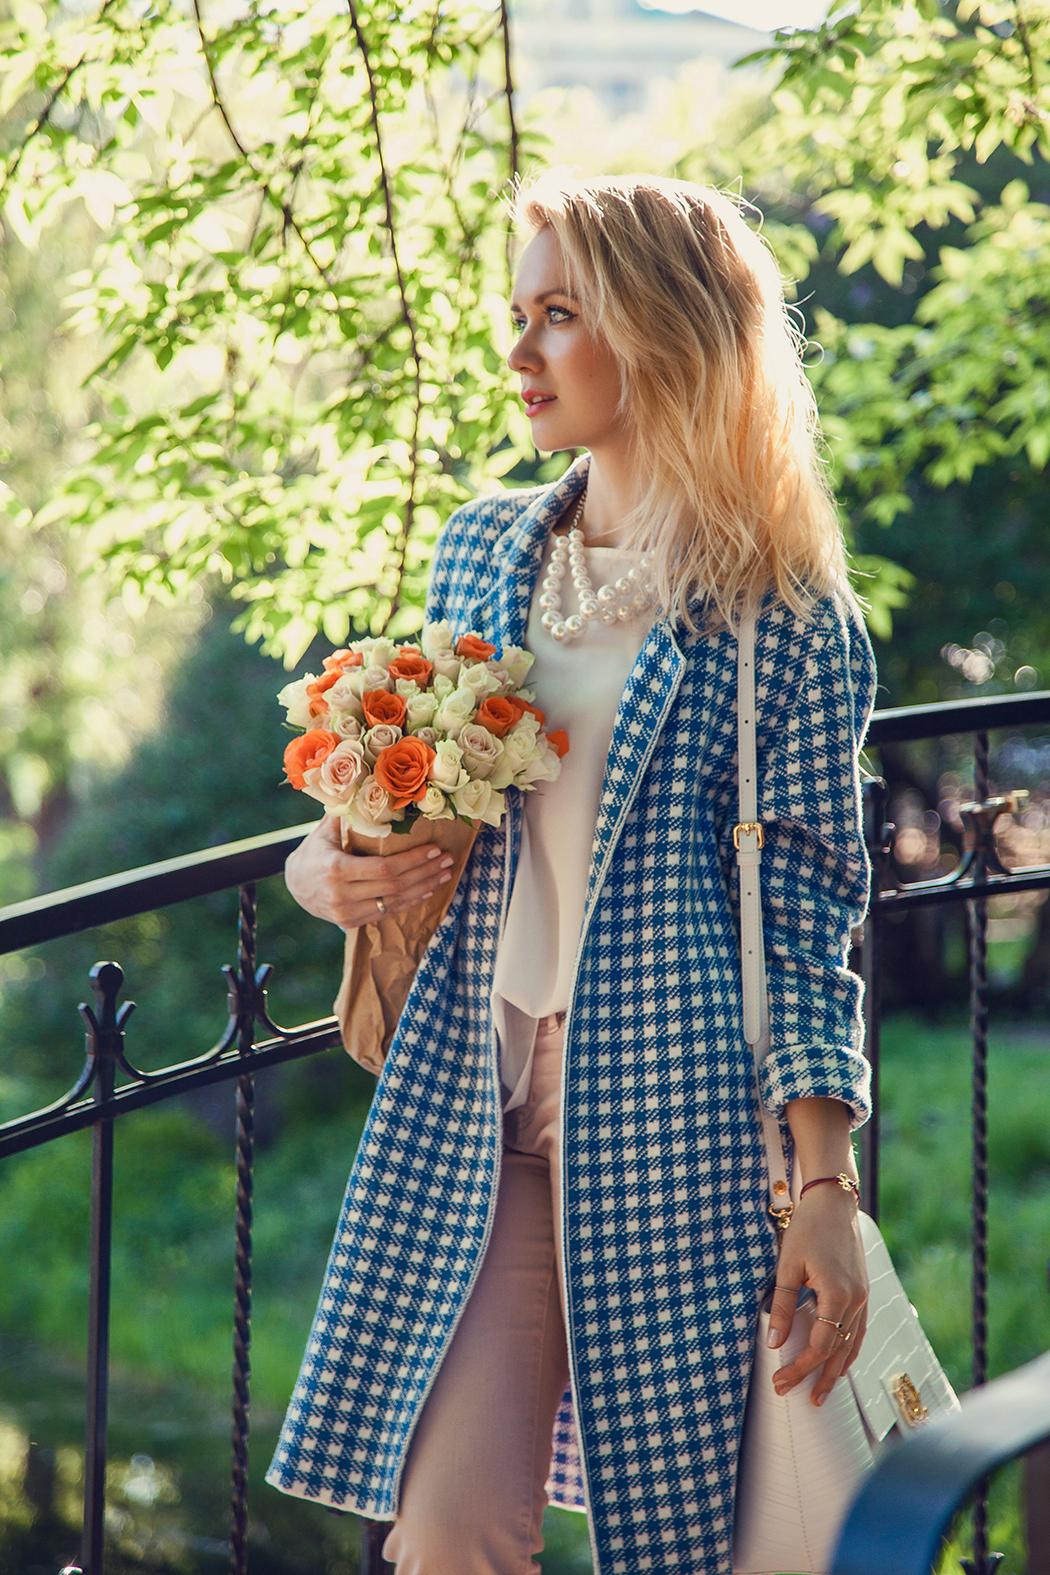 inspiration, streetstyle, spring outfit, moscow fashion week, annamidday, top fashion blogger, top russian fashion blogger, фэшн блогер, русский блогер, известный блогер, топовый блогер, russian bloger, top russian blogger, streetfashion, russian fashion blogger, blogger, fashion, style, fashionista, модный блогер, российский блогер, ТОП блогер, ootd, lookoftheday, look, популярный блогер, российский модный блогер, russian girl, с чем носить летнее пальто, как одеться весной, модные весенние аксессуары, pastel coat, пастельная одежда, с чем носить пастельную одежду, как сочетать пастельные цвета, pastel colors, pastel colors combination, pastel heels, blues heels, white coat, цветовые сочетания, как определить свой цветотип, stefanel, braccialini, braccialini Ibiza, клетка виши, vichi coat streetstyle, pastel coat streetstyle